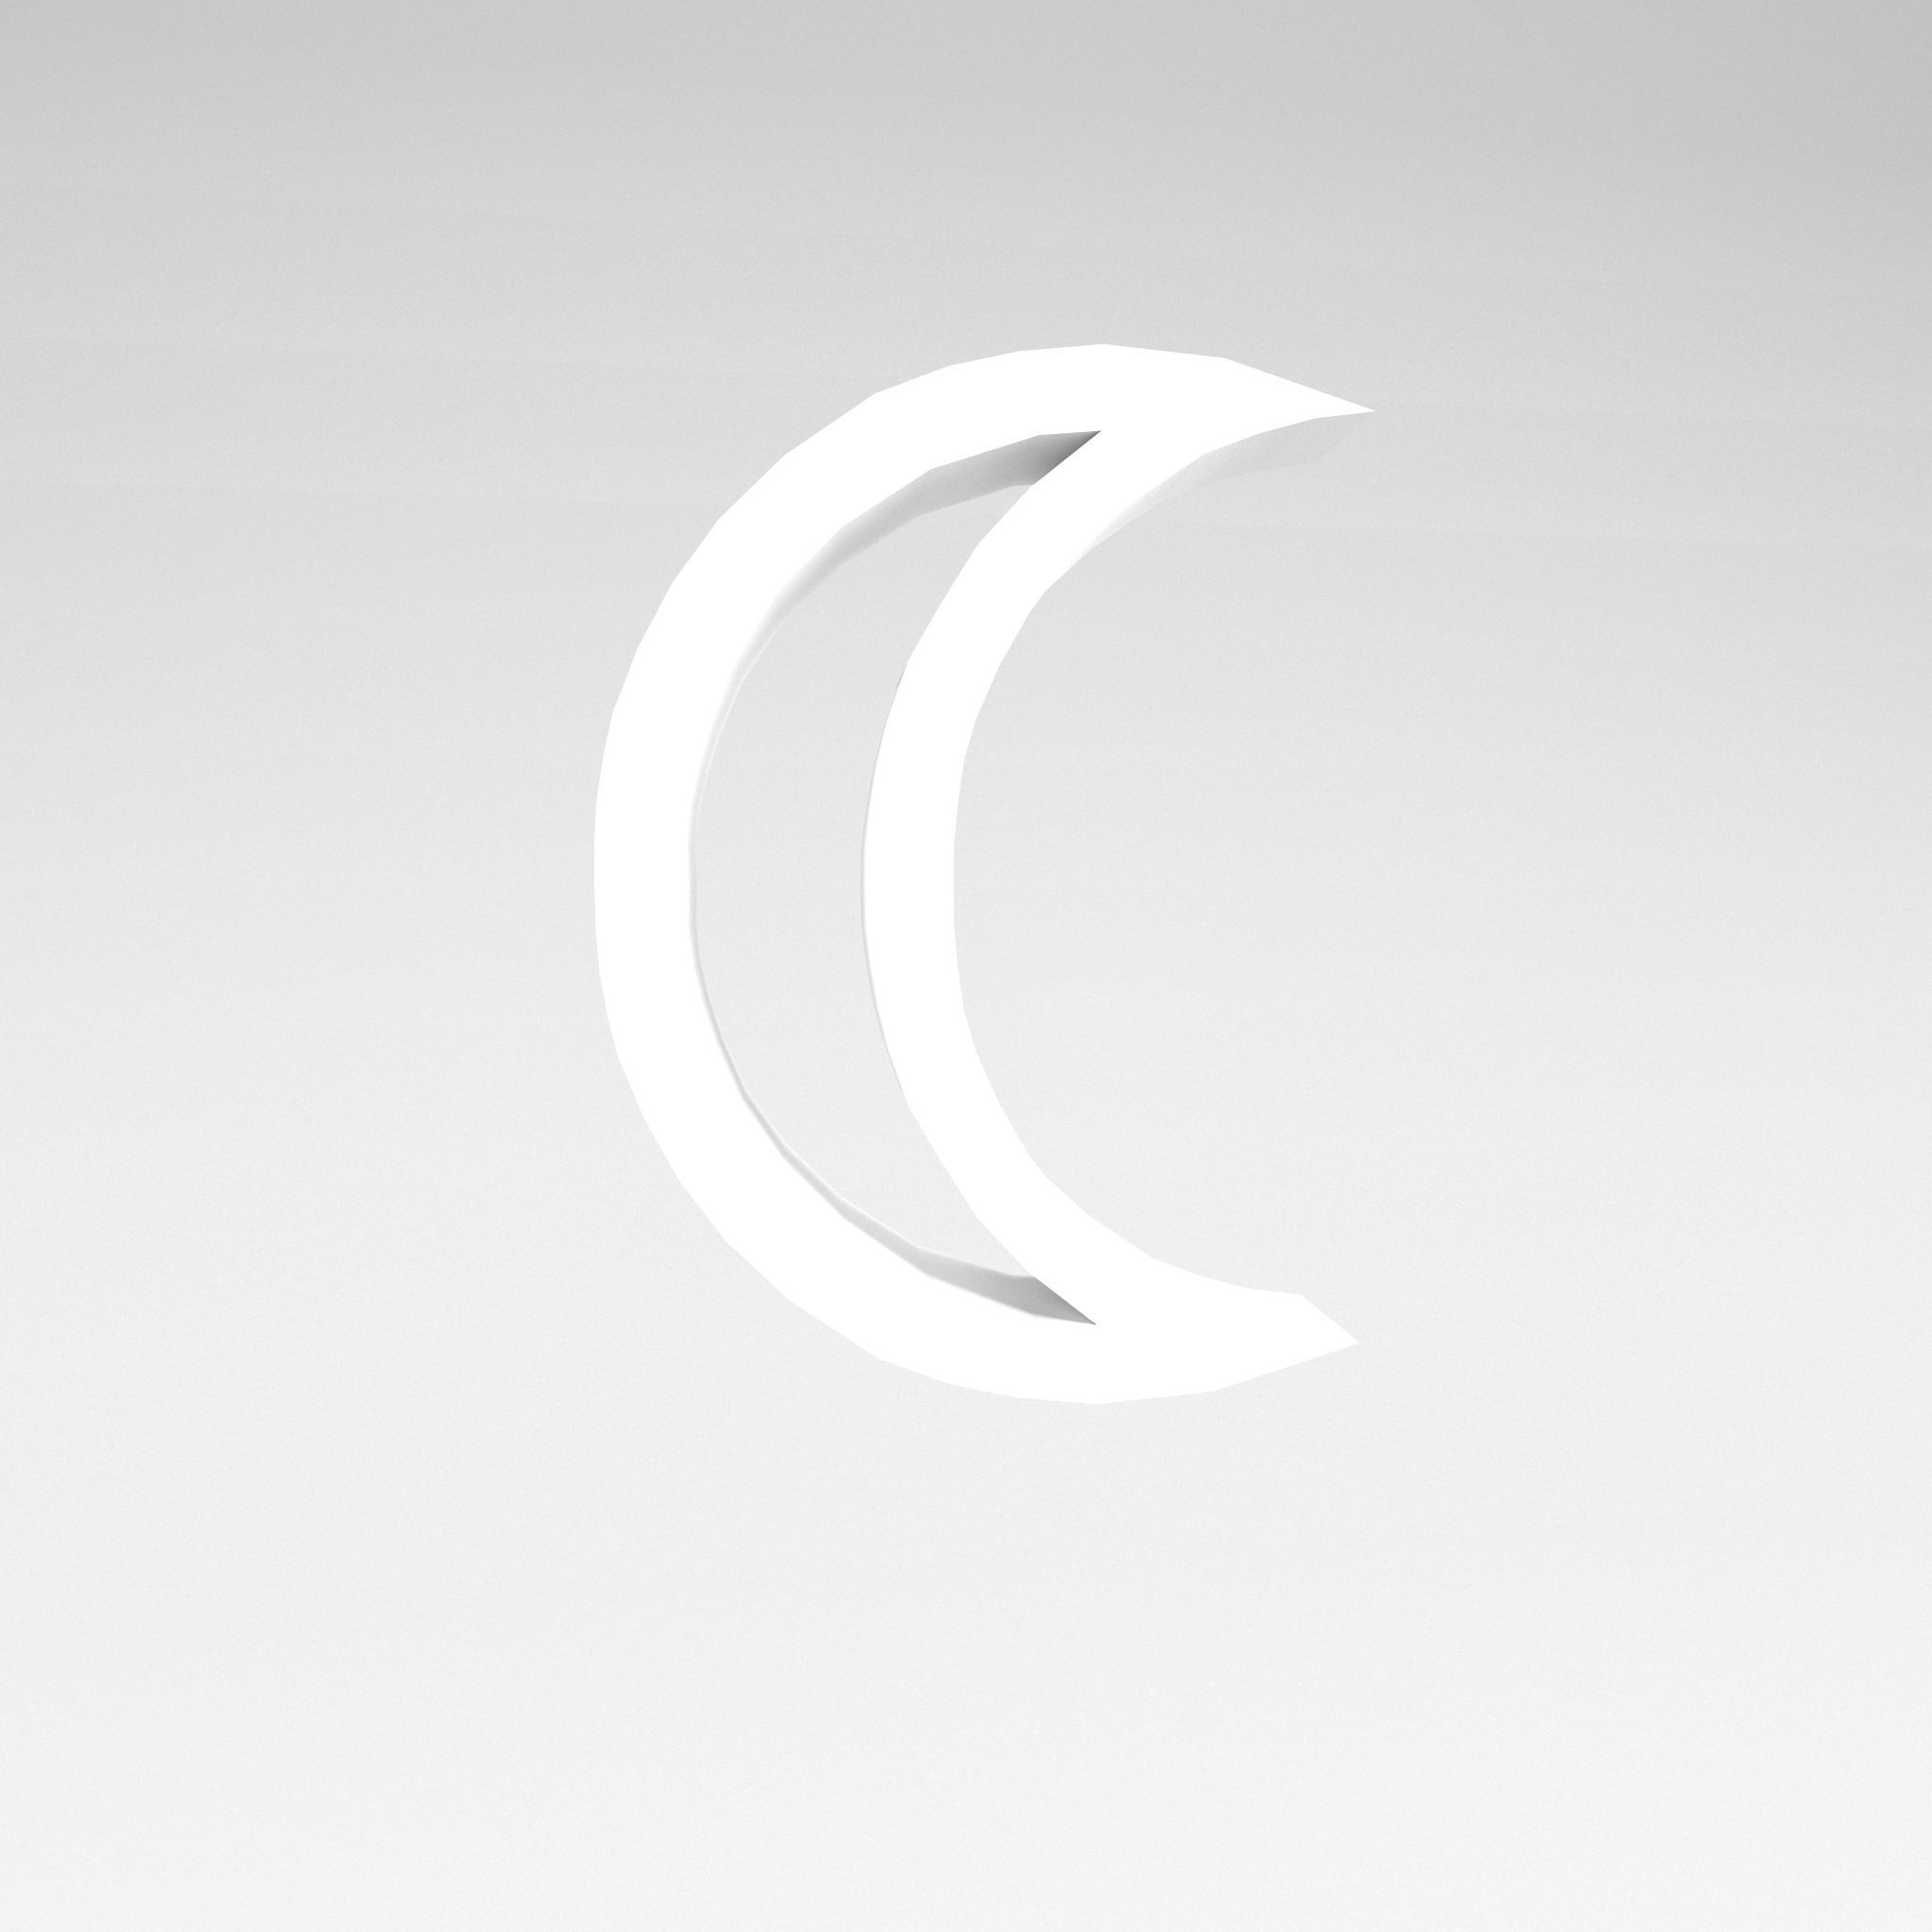 Moon Symbol v1 001